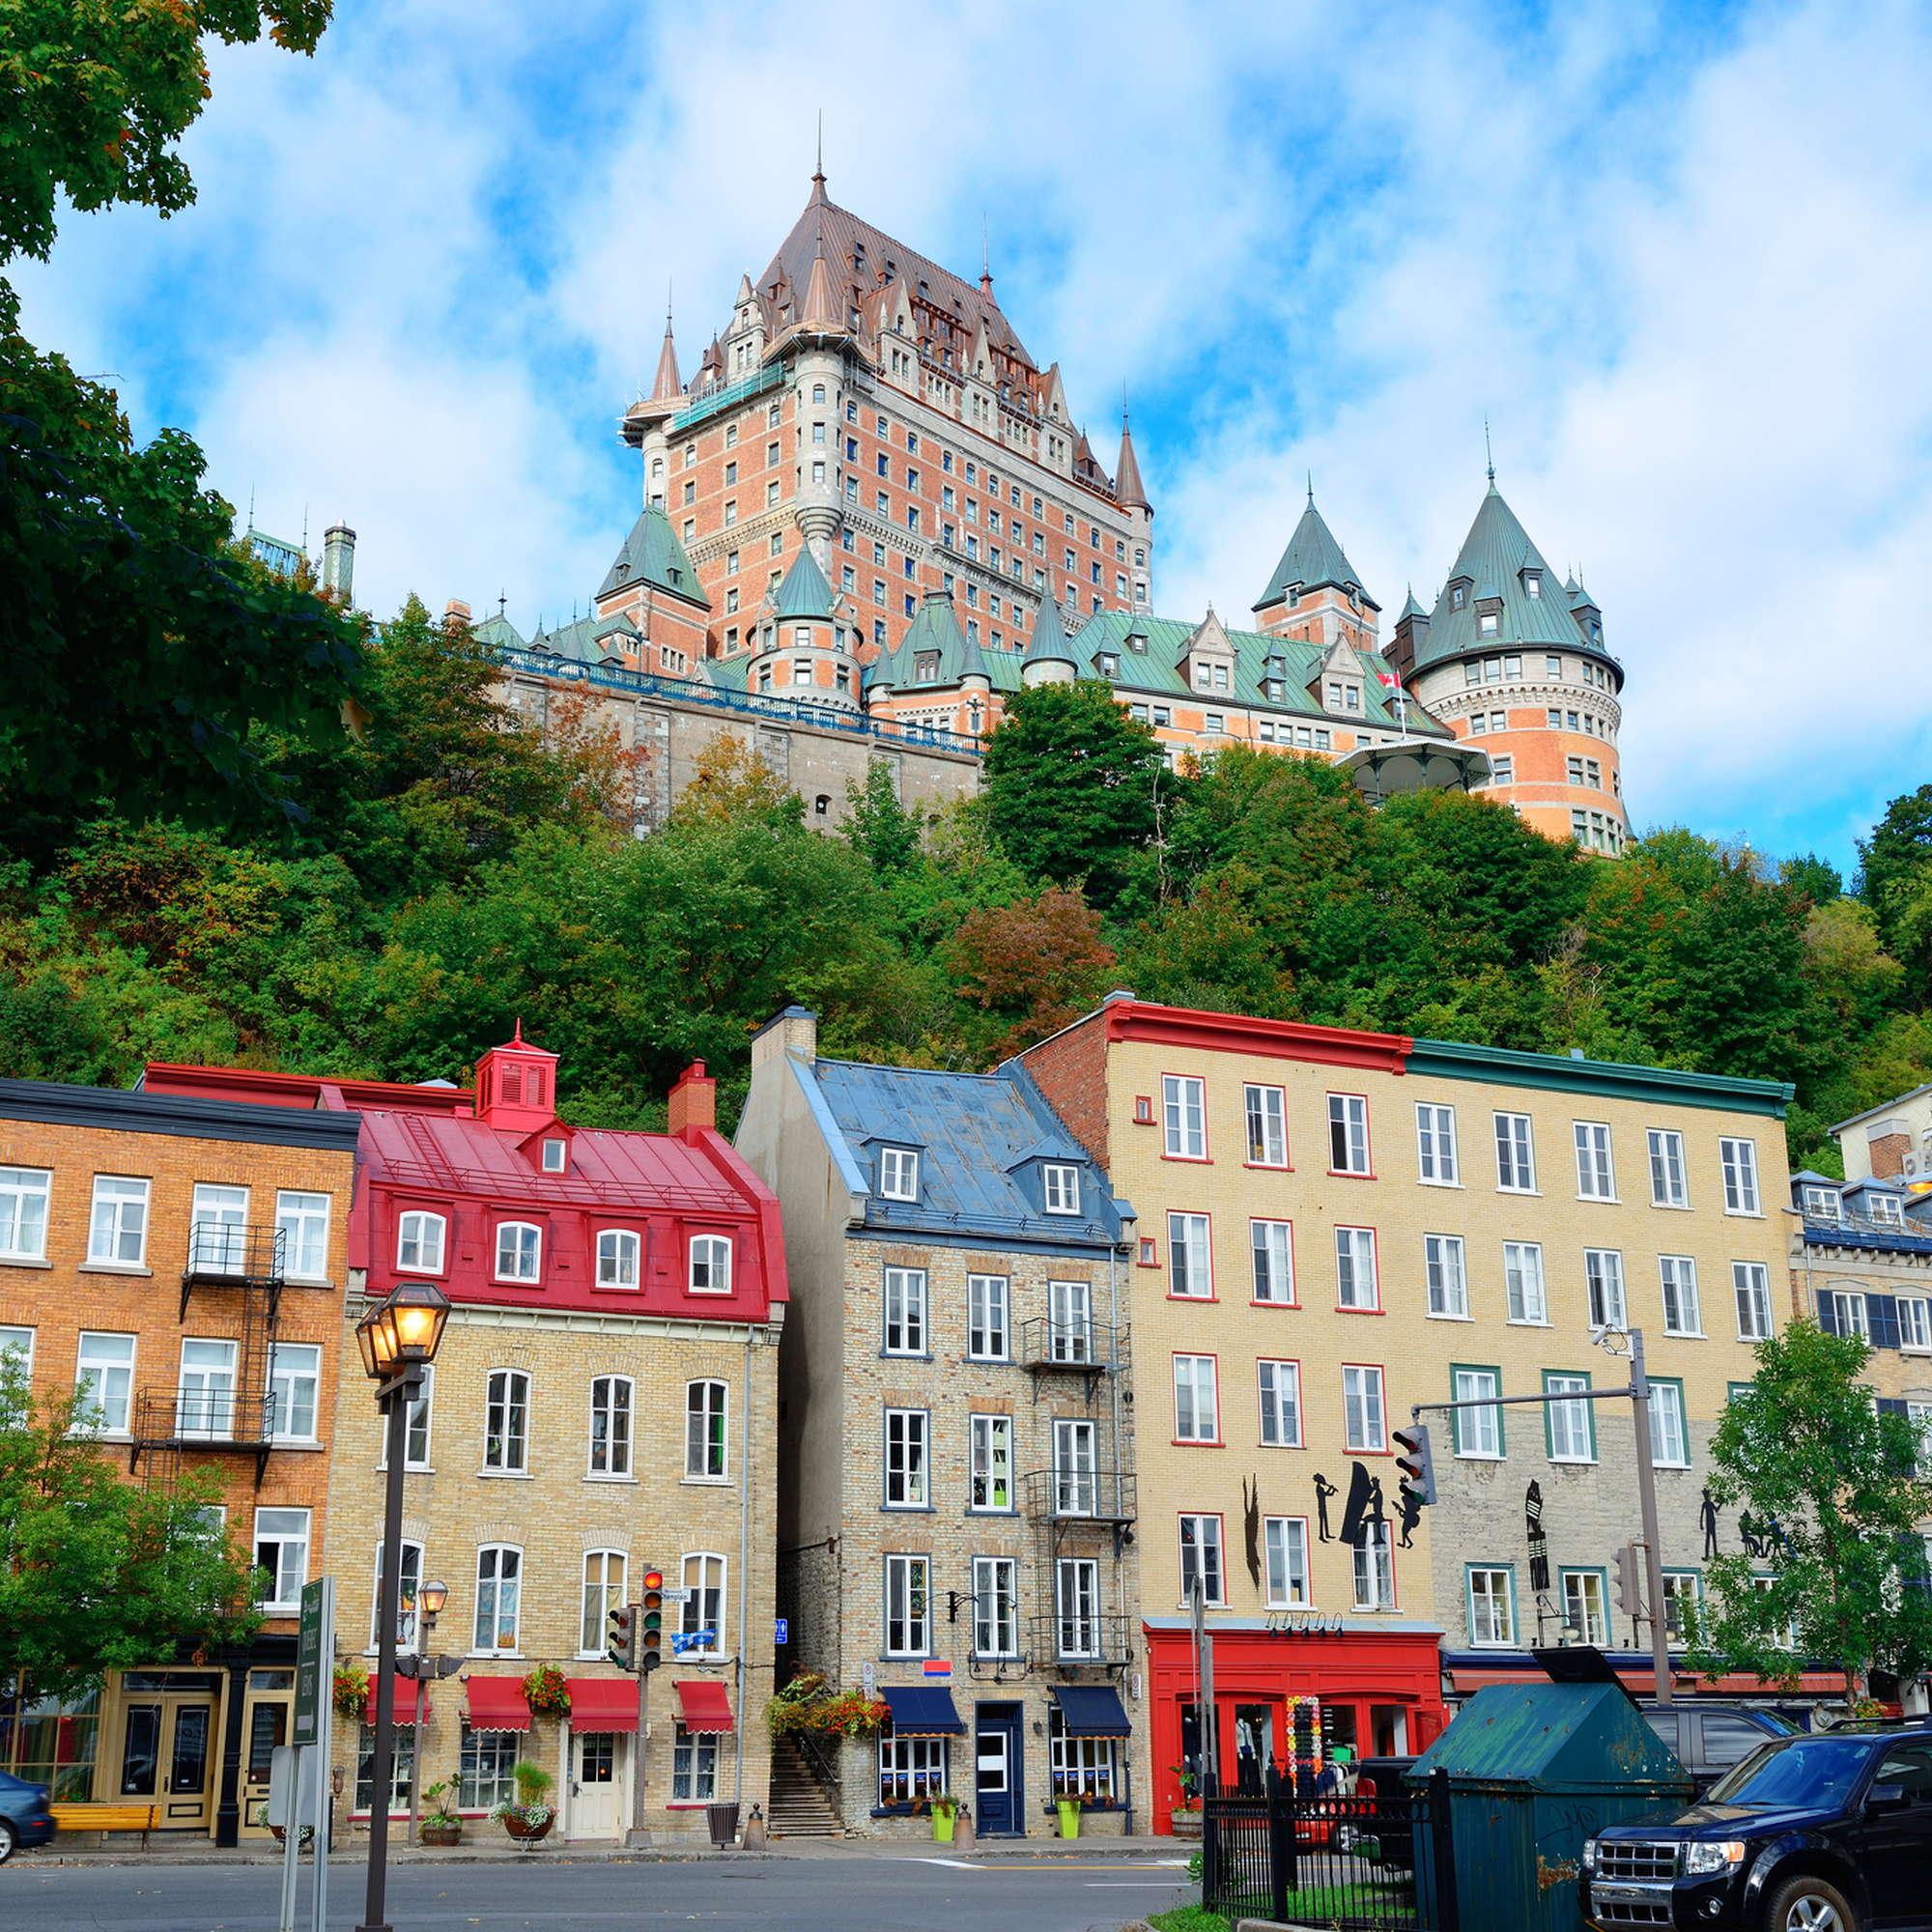 Hotels in Quebec City, Quebec | Fodor's Travel